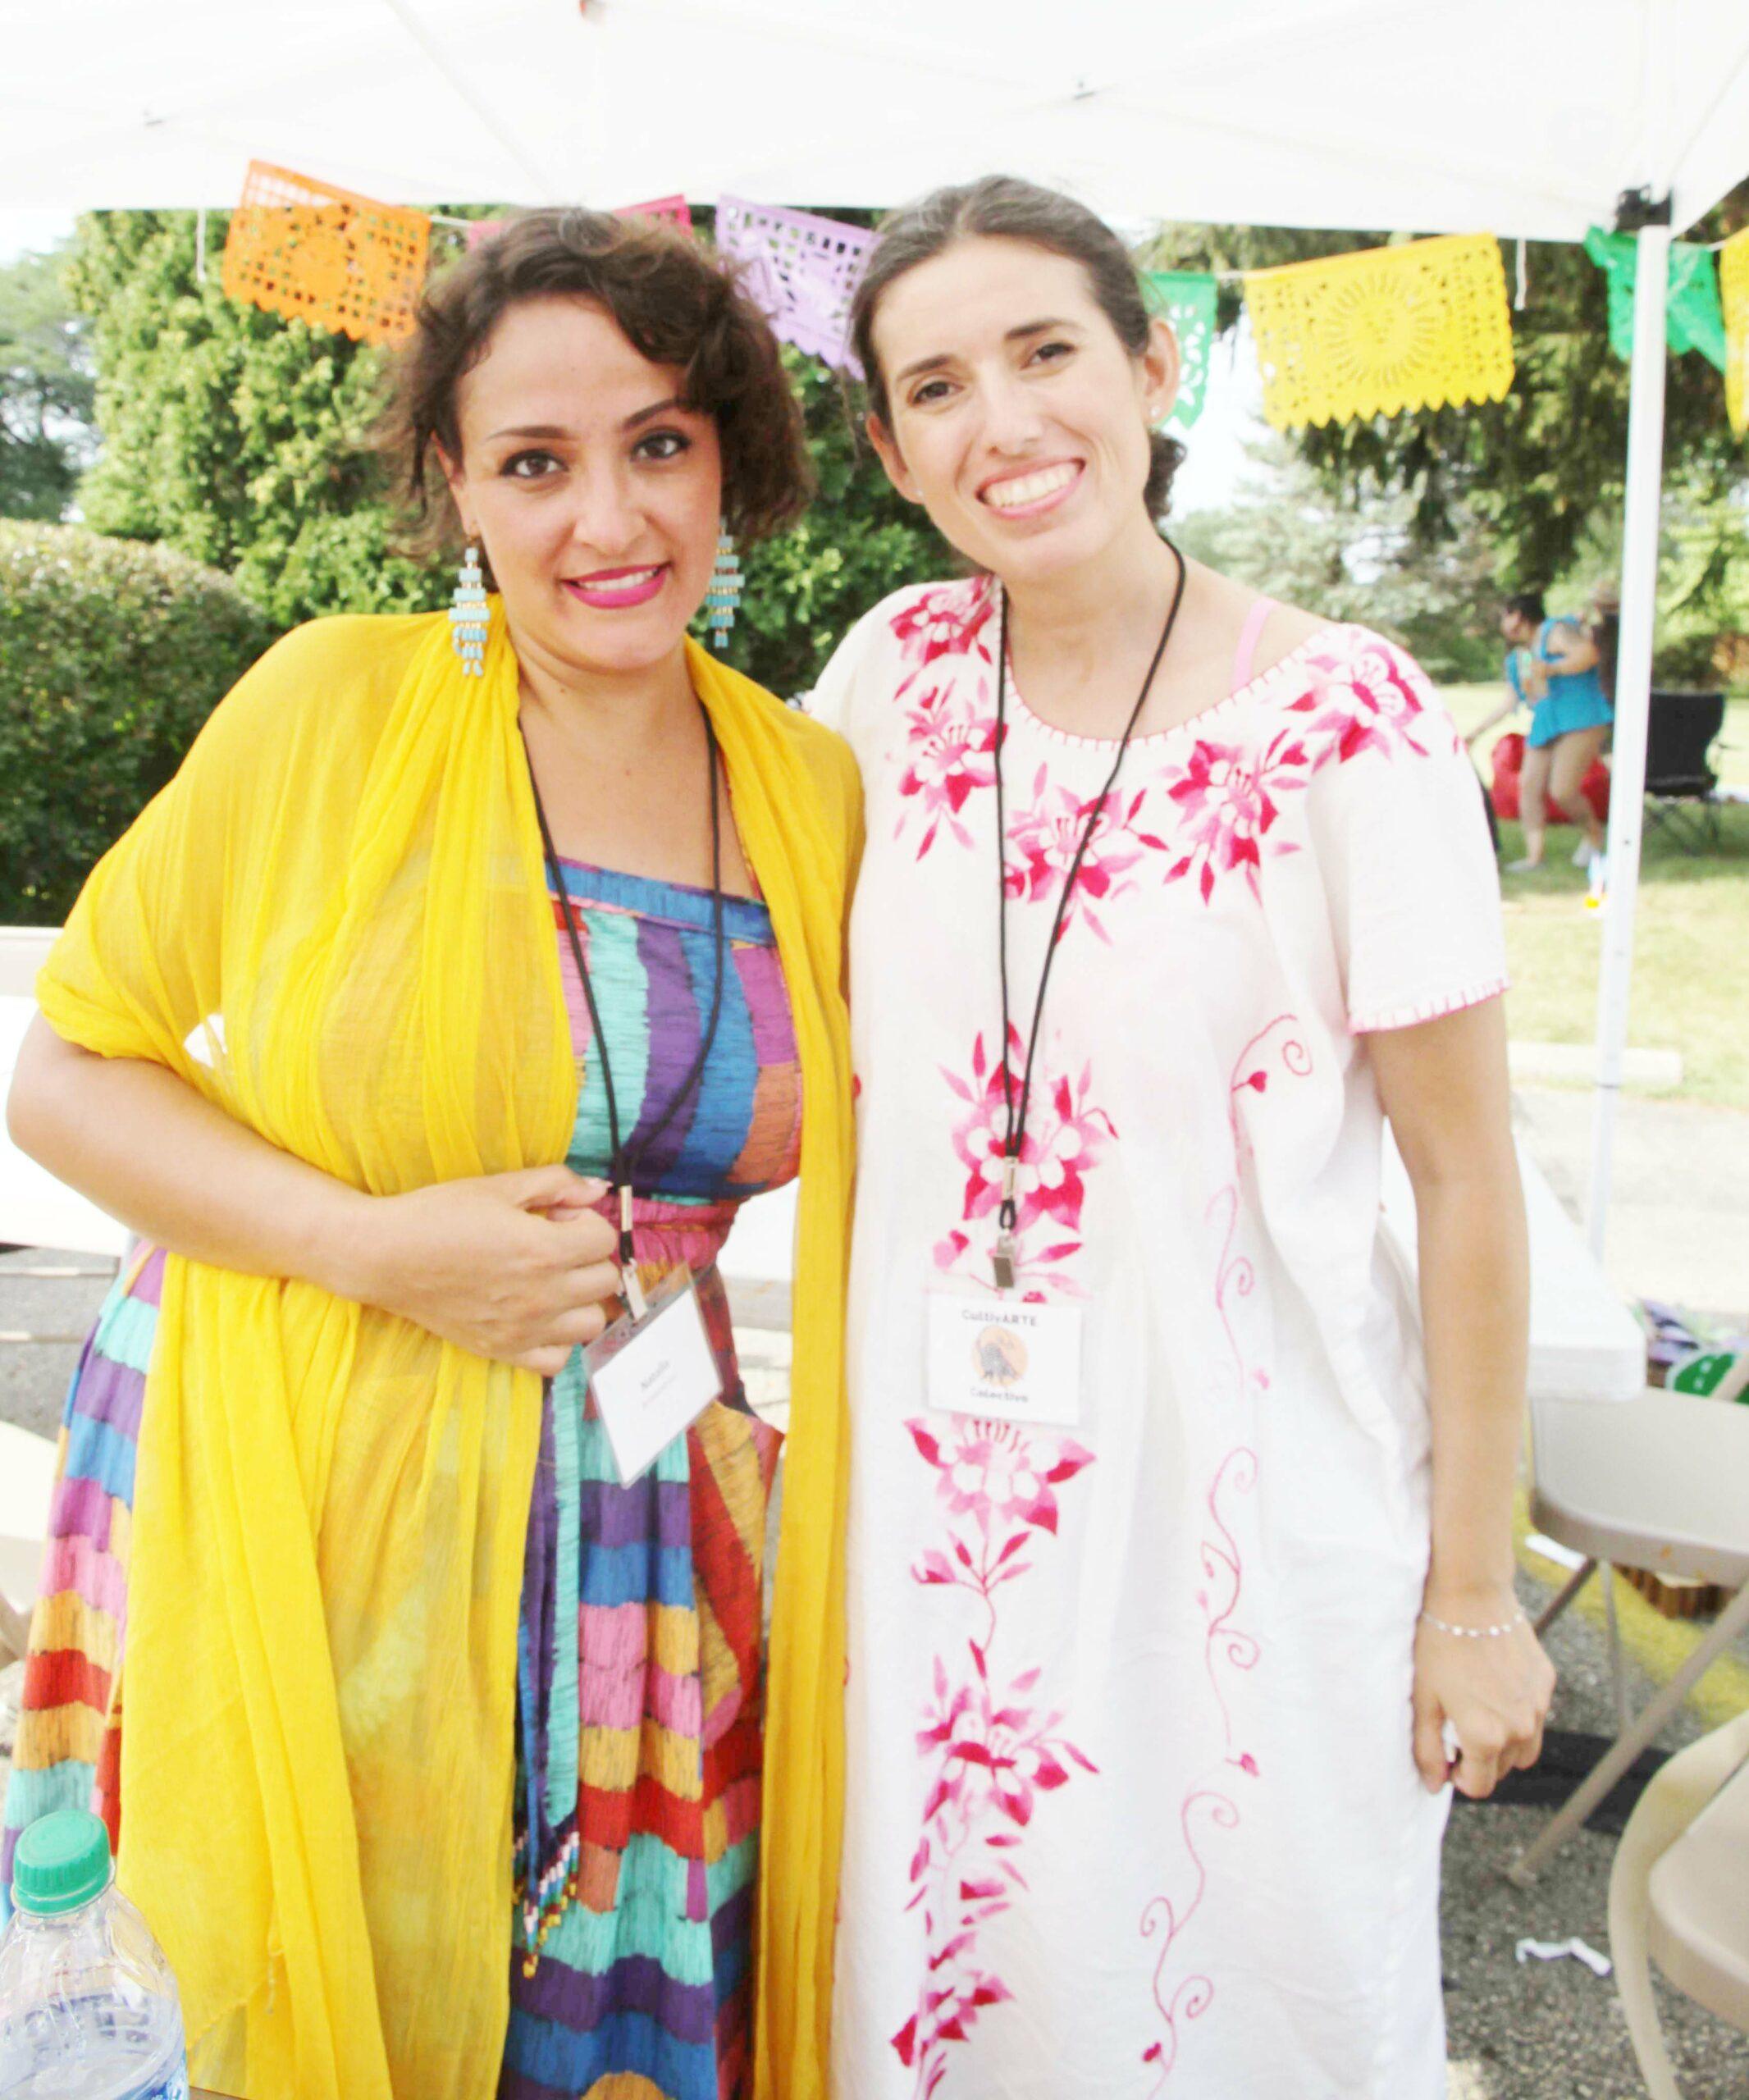 Natalia Armacanqui y Mónica Cliff. Foto cortesía de la Comunidad News.